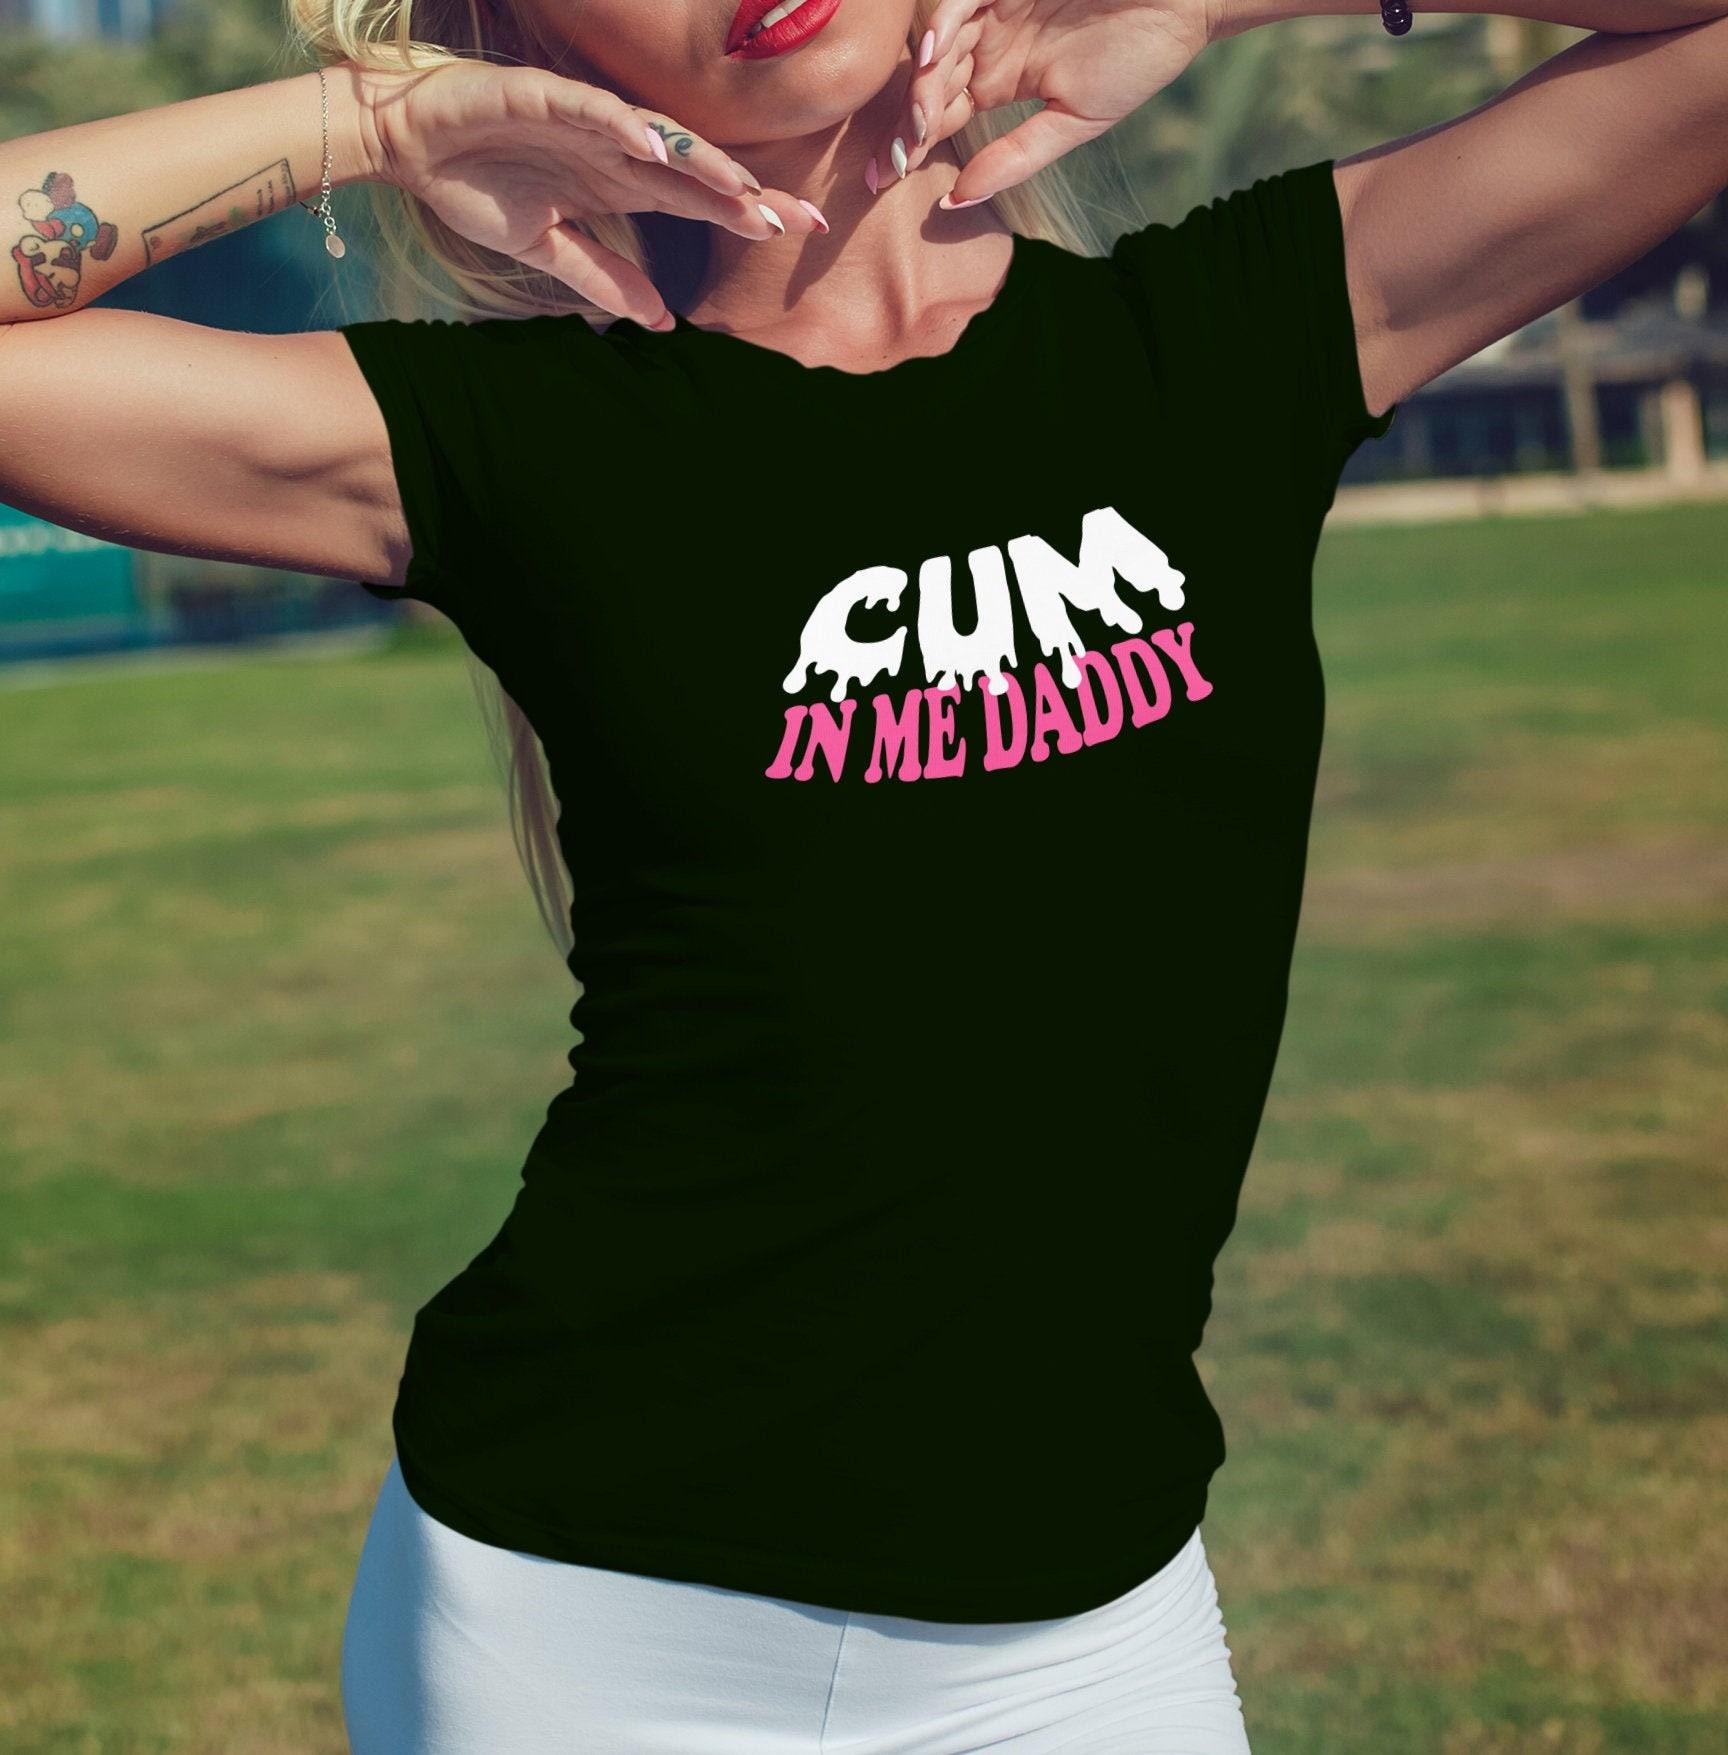 Cum In Me Daddy DDLG Shirt Sexy Slutty Cute Funny